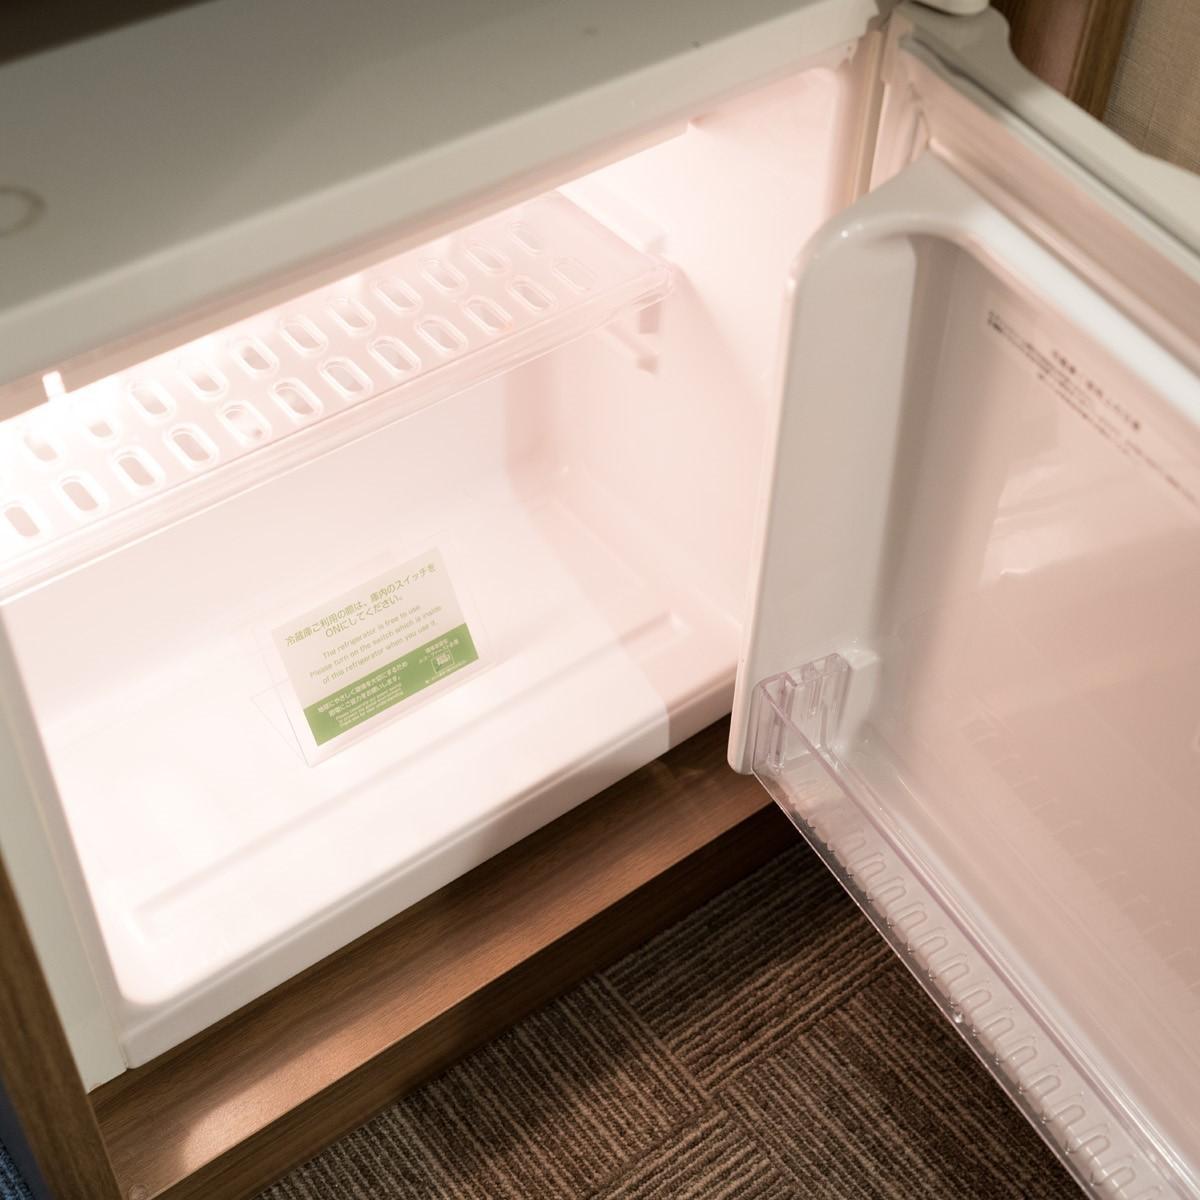 静音冷蔵庫だから夜もぐっすり快眠♪